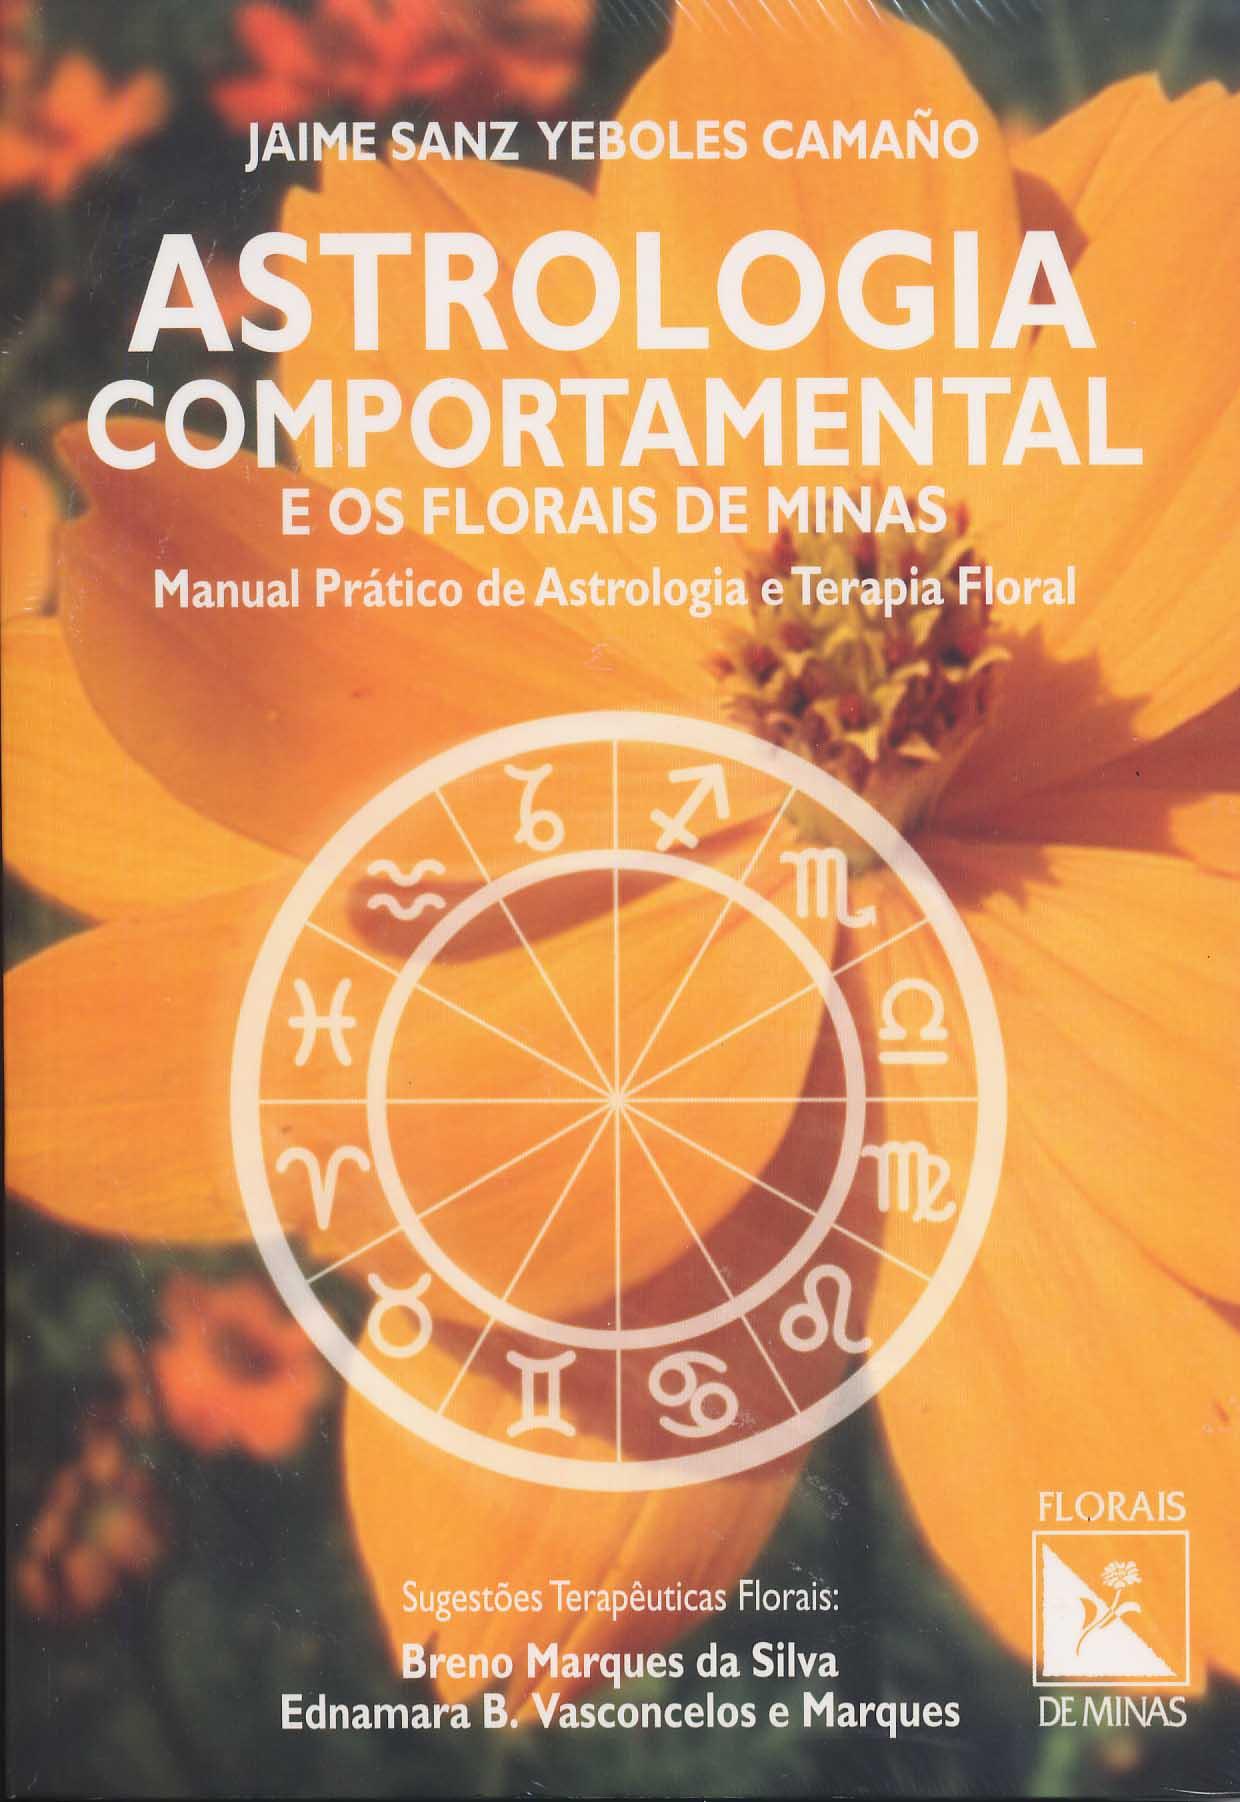 Livro Astrologia Comportamental e os Florais de Minas - Manual Prático de Astrologia e Terapia Floral  - Floressência